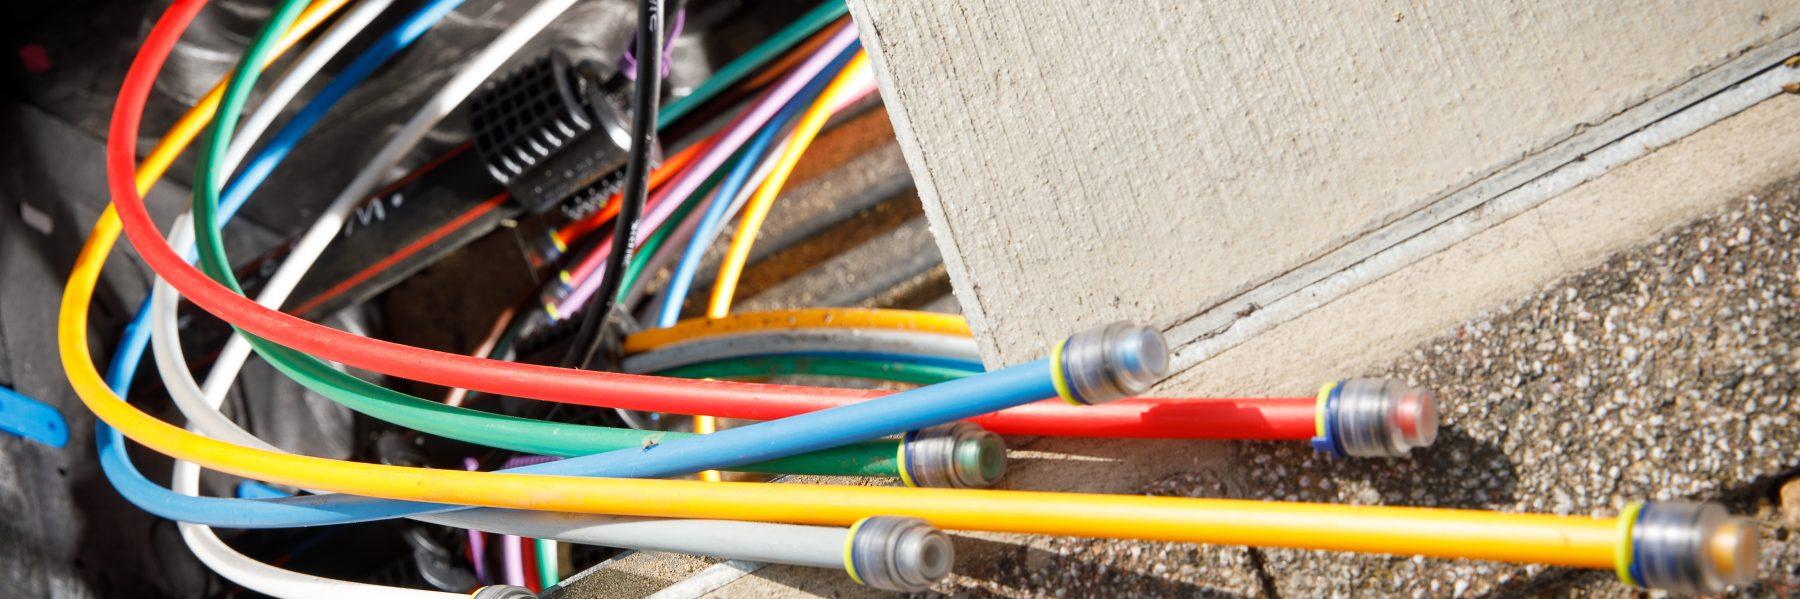 schnelles Internet in Hartmannsdorf